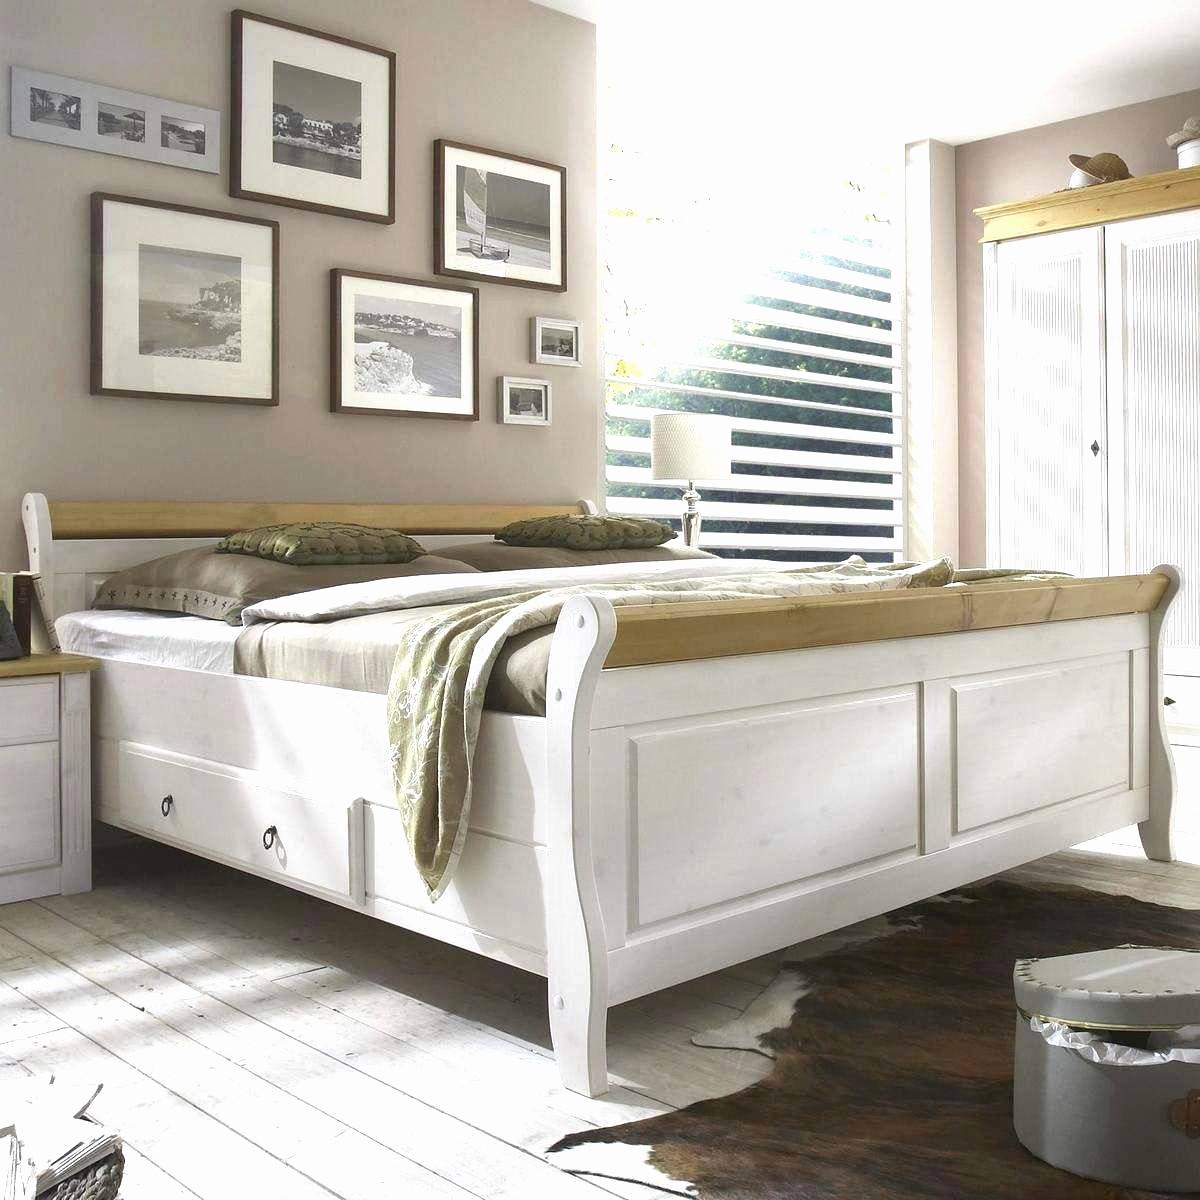 Full Size of Hohe Betten 41 2c Bett Zum Ausklappen Fhrung Für Teenager Massiv Weiß Günstig Kaufen Schlafzimmer Massivholz Schöne Mit Matratze Und Lattenrost 140x200 Bett Hohe Betten